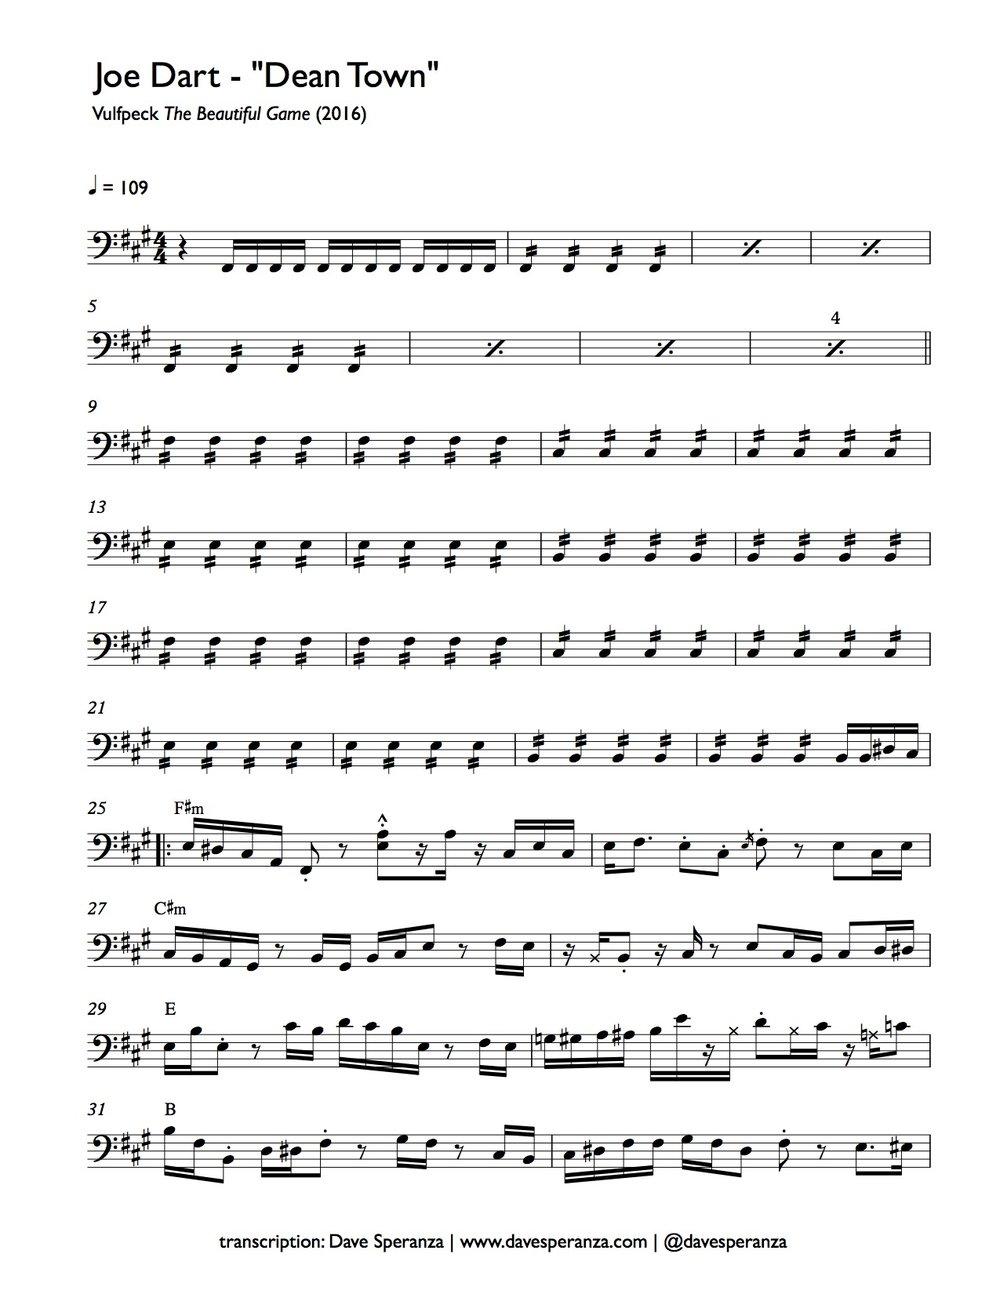 Joe Dart - Vulfpeck - Dean Town - Bass Transcription.jpg